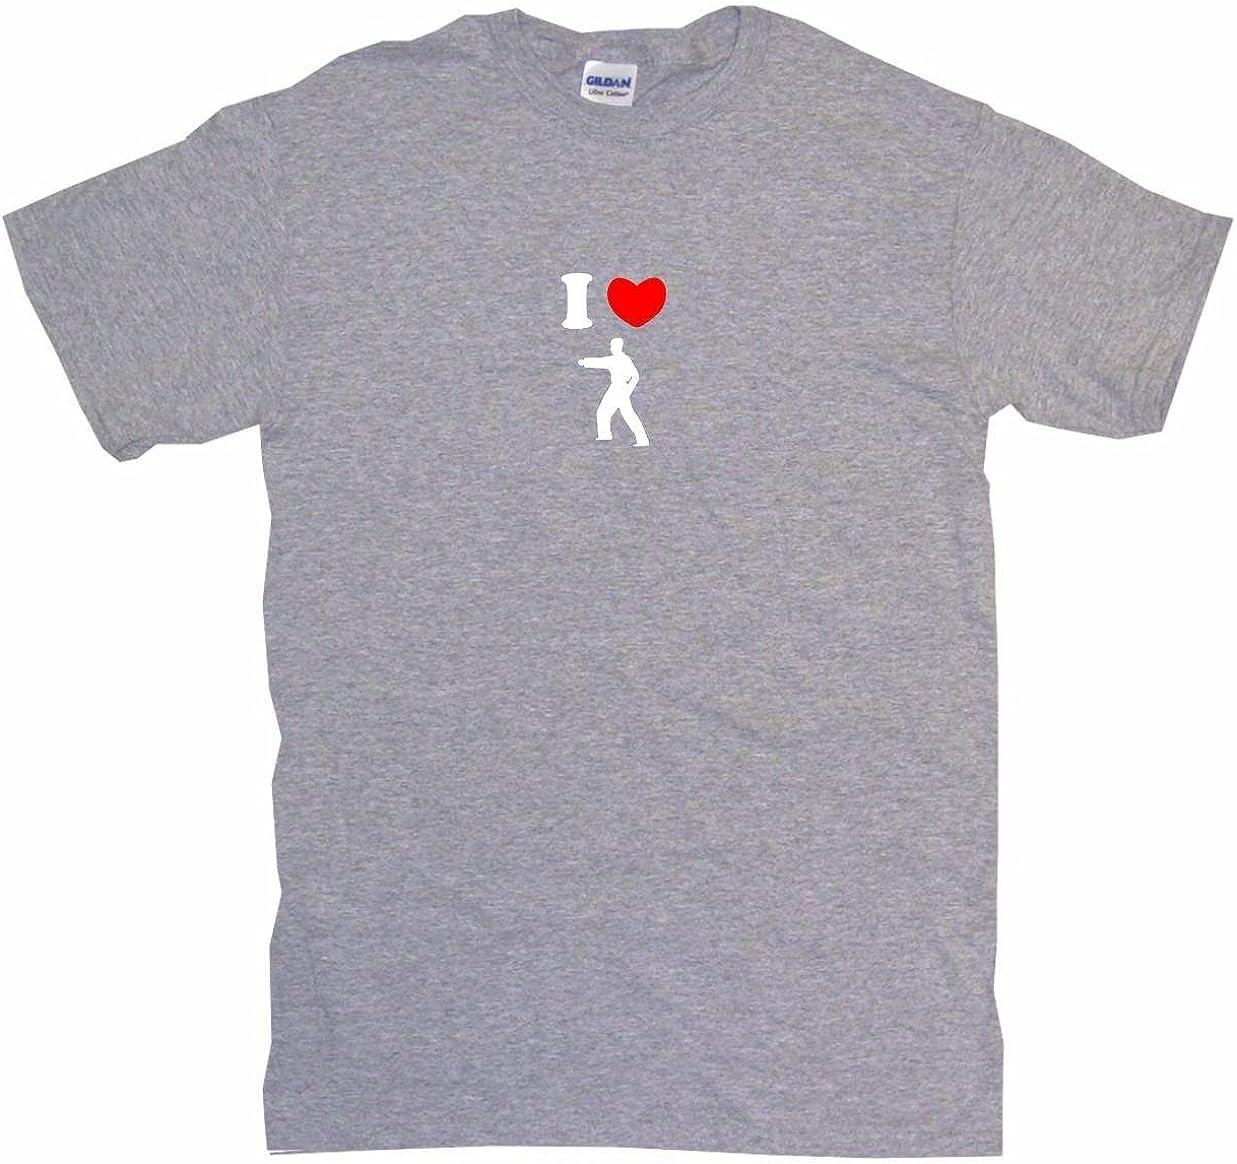 I Heart Love Karate Form logo Kids Tee Shirt Boys Girls Unisex 2T-XL